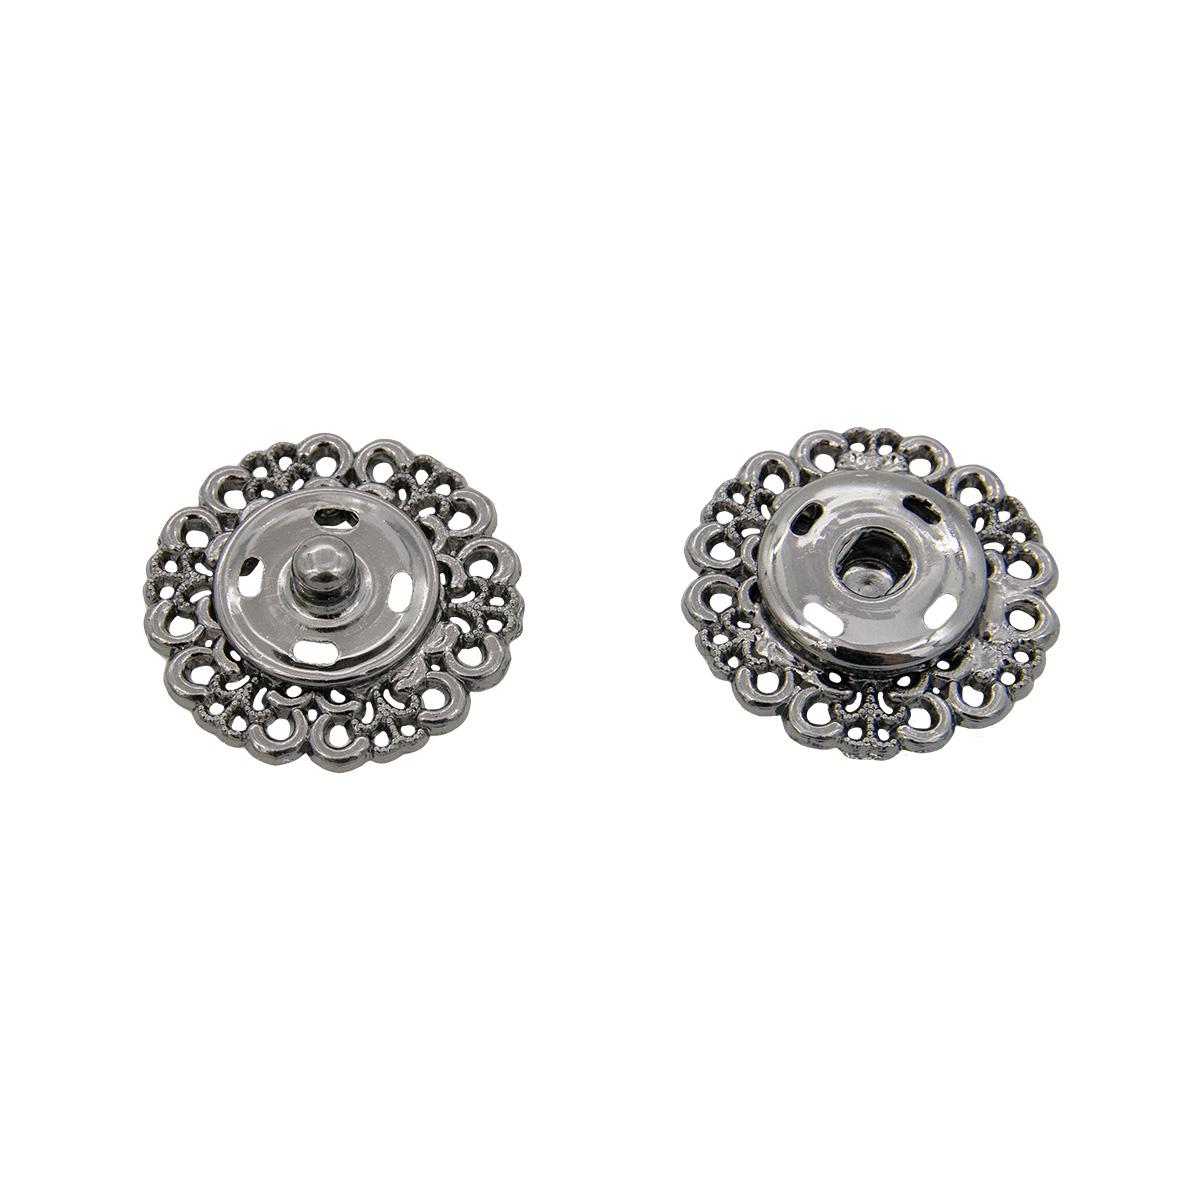 ГЖ2722 Кнопка пришивная, черный никель, 23 мм, упак./3 шт., Hobby&Pro